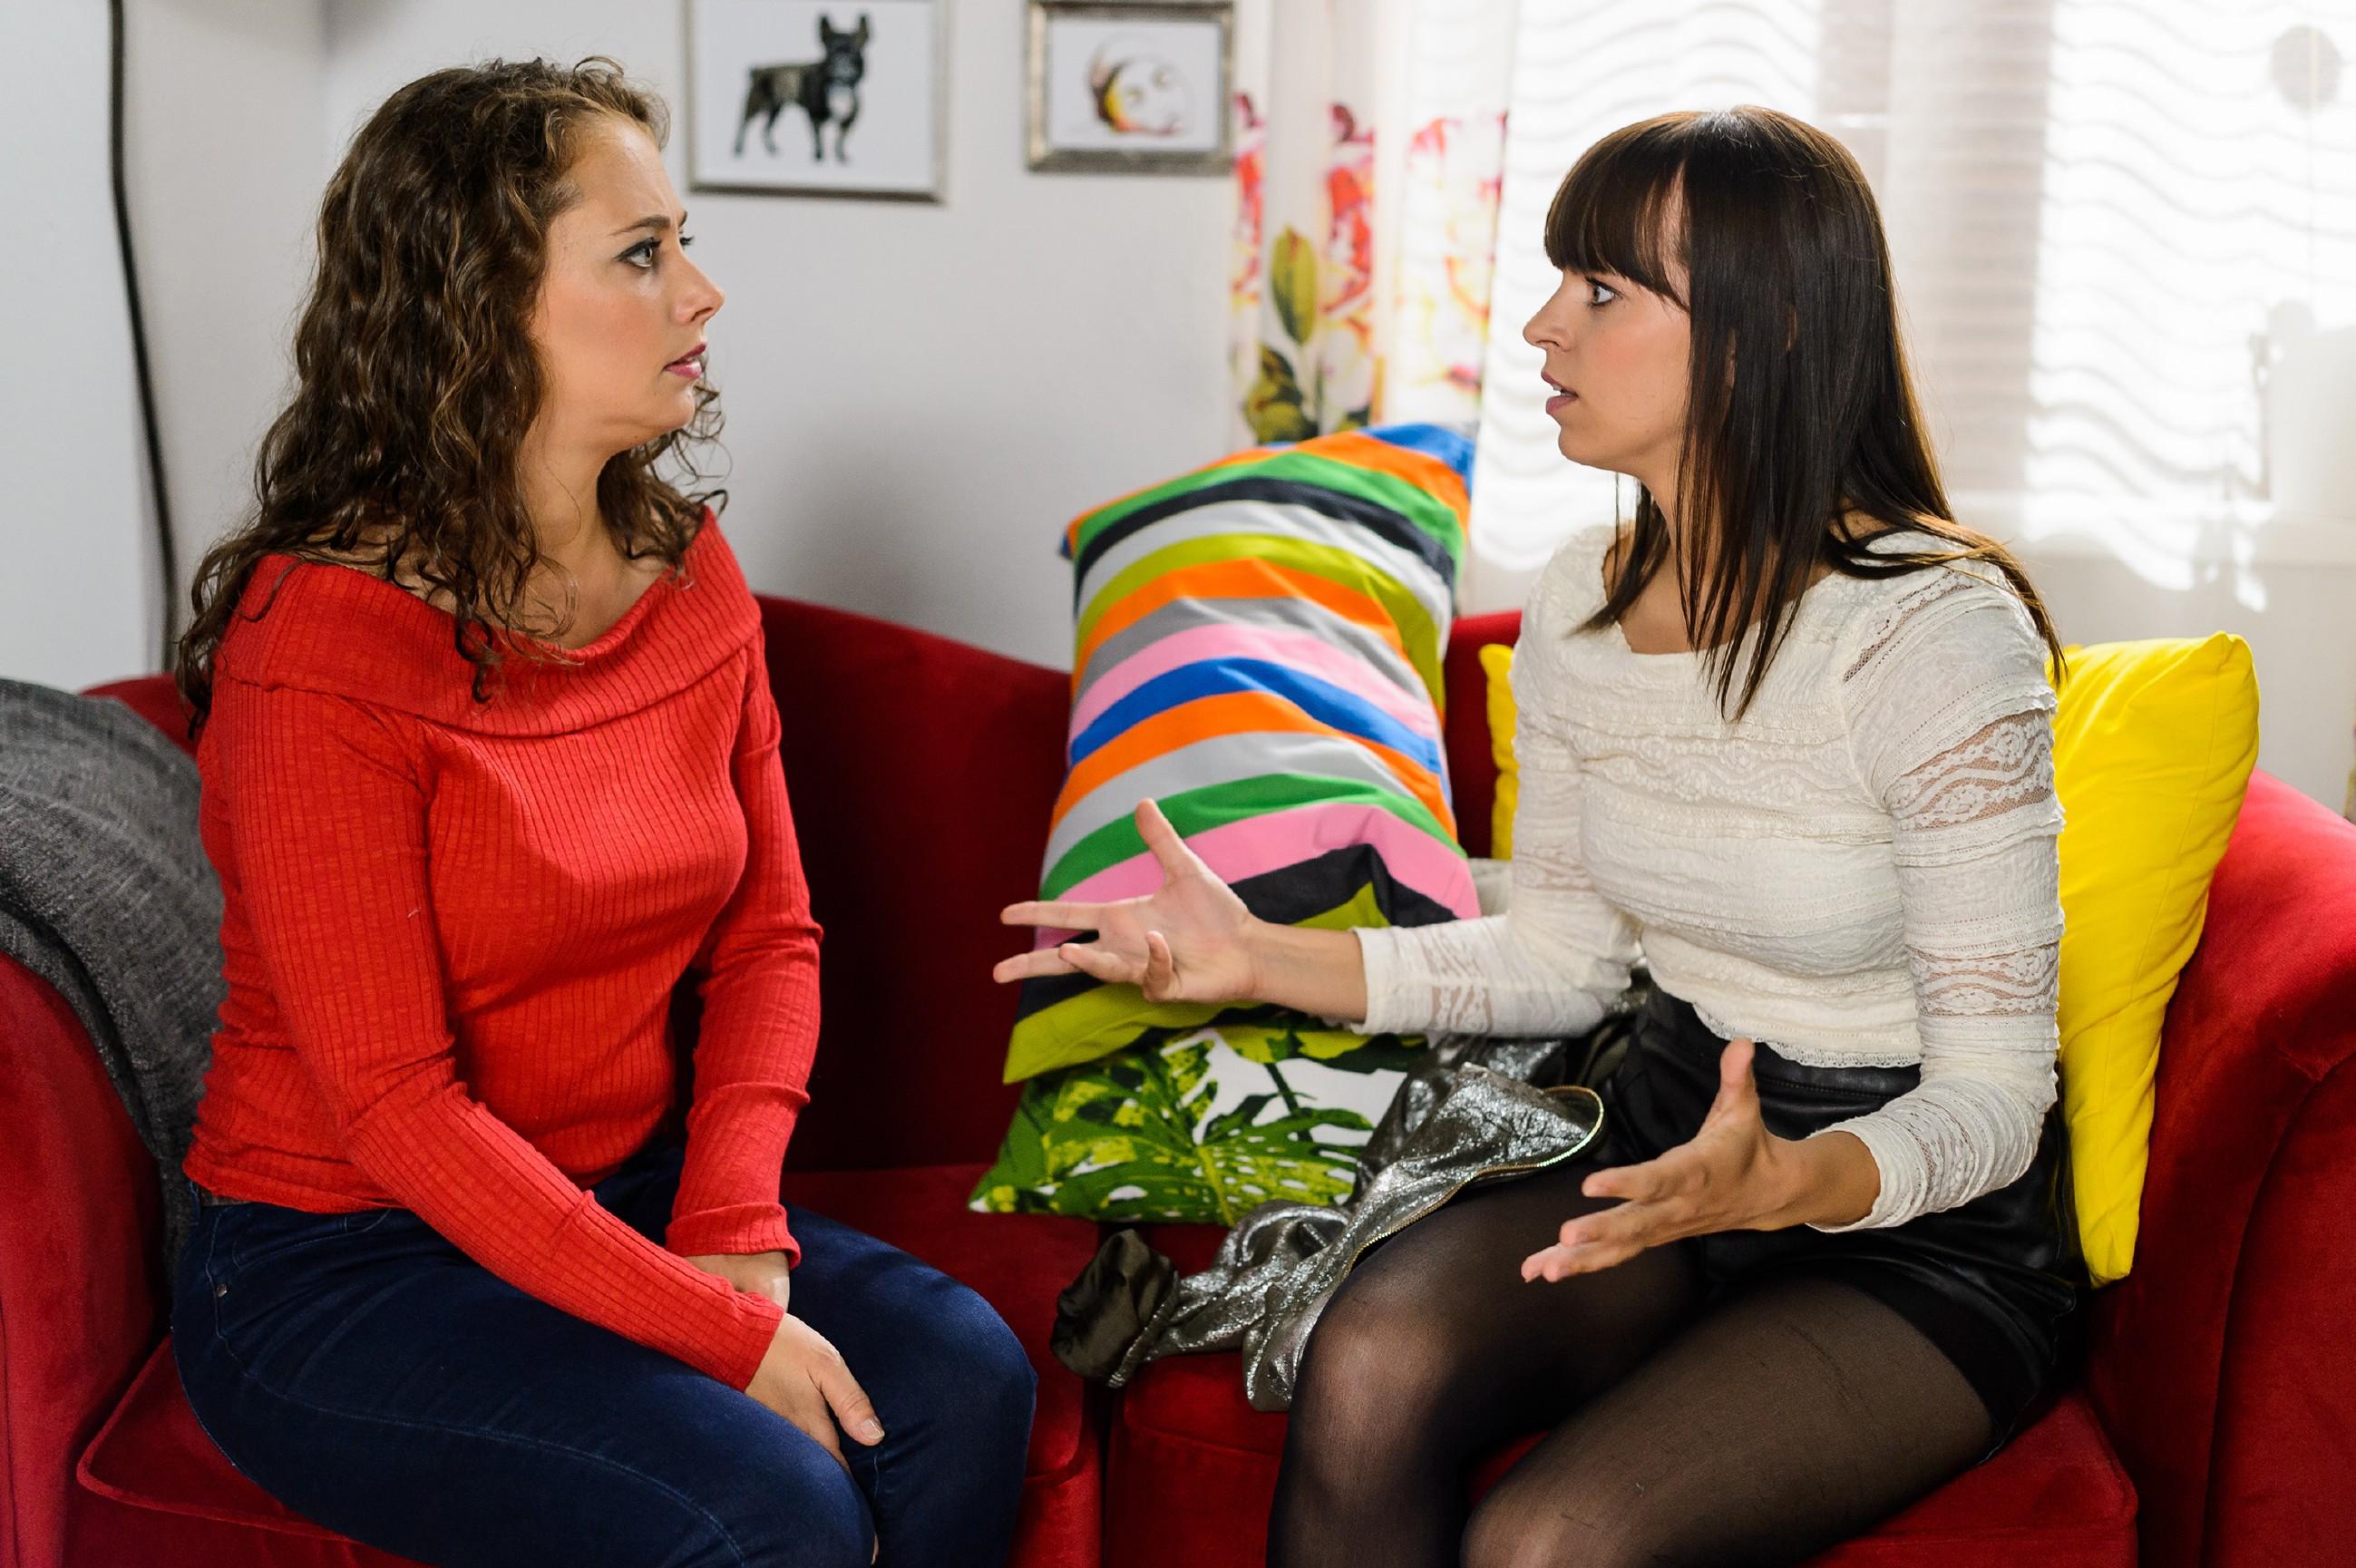 Michelle (Franziska Benz, r.) wird im Gespräch mit ihrer Mutter Carmen (Heike Warmuth) betroffen klar, dass sie mit Vincent über das Testergebniss reden muss. (Quelle: RTL / Willi Weber)